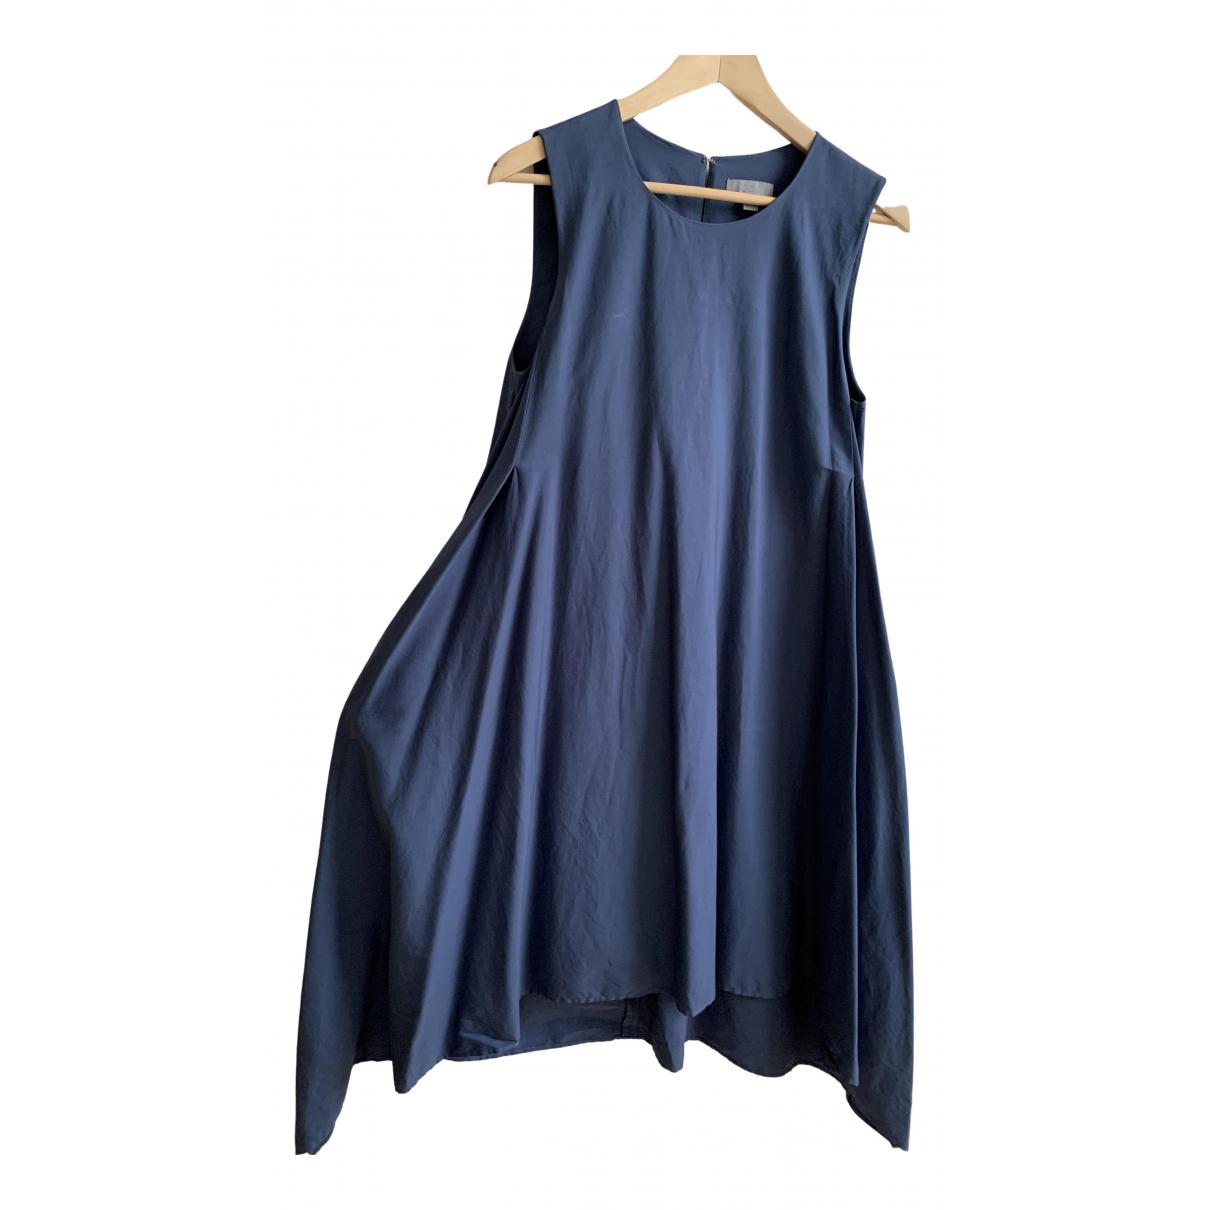 Cos - Robe   pour femme en coton - elasthane - bleu